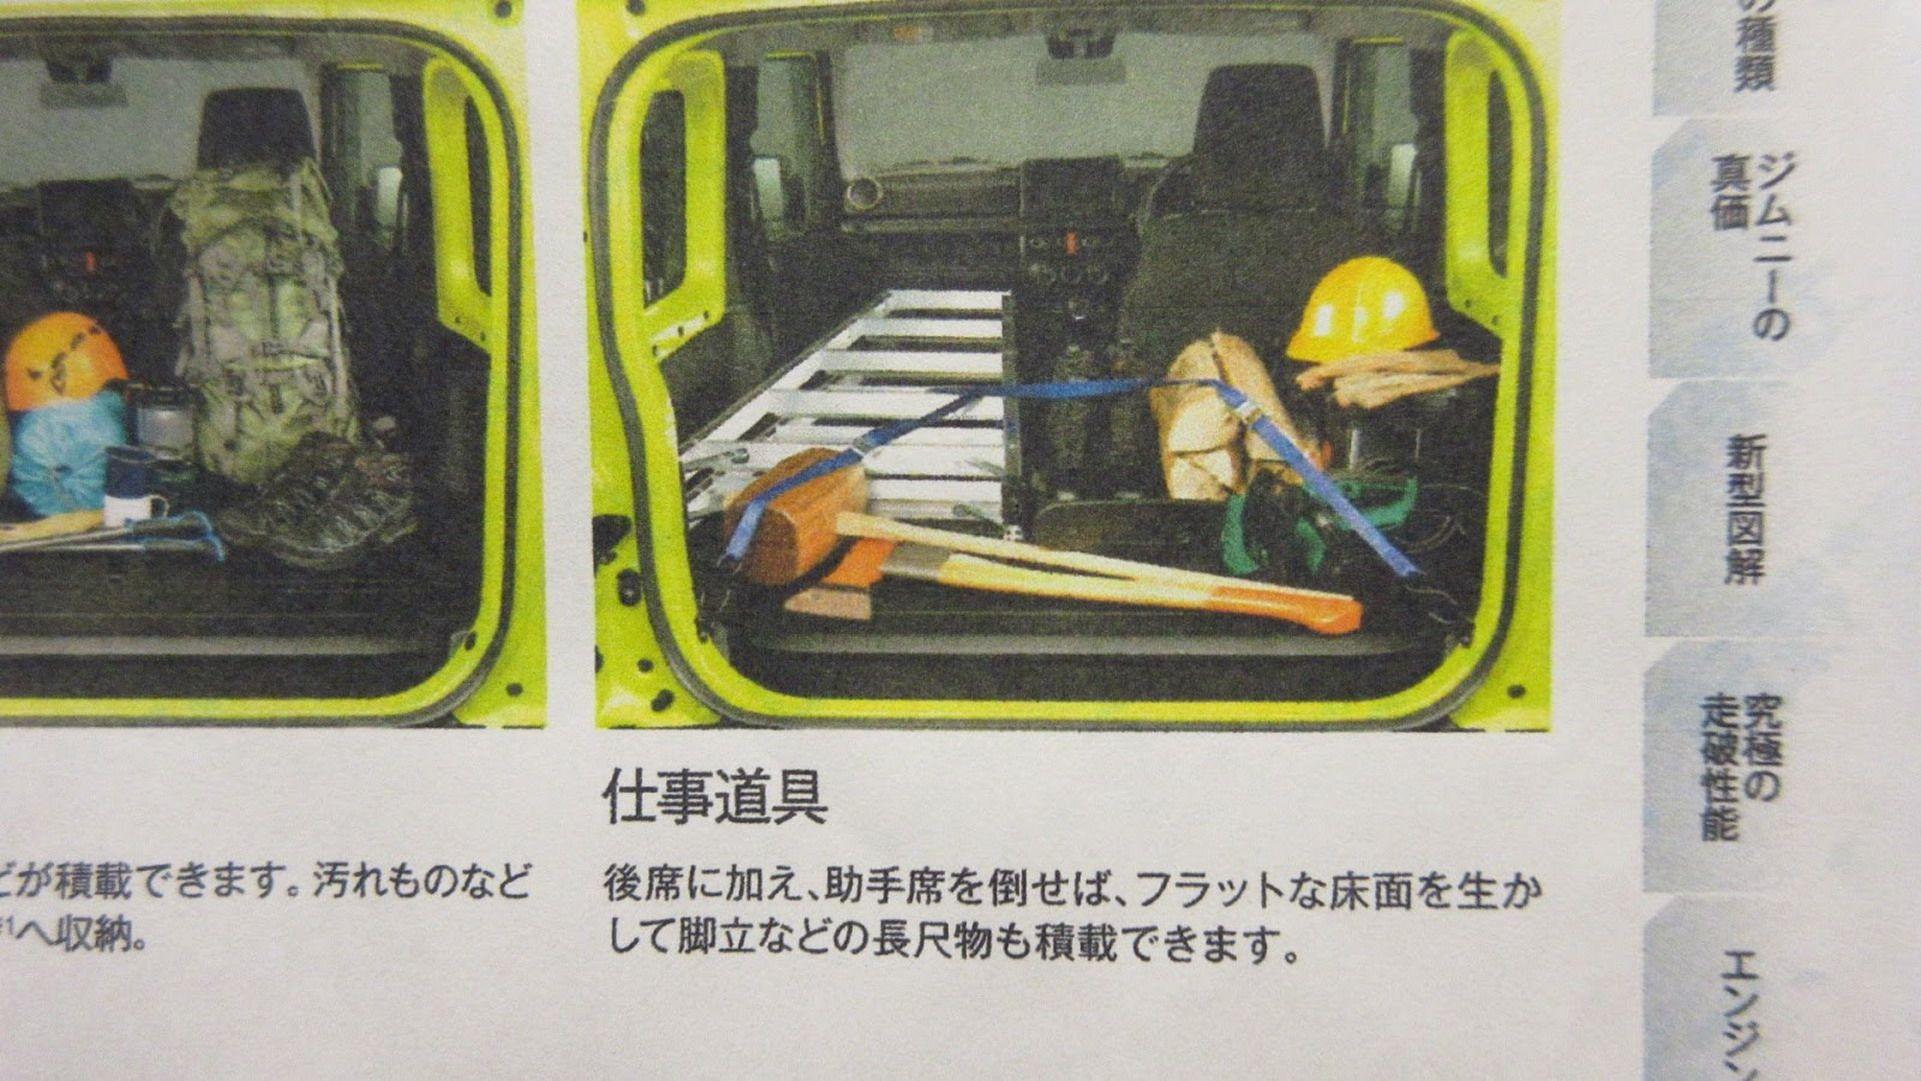 Suzuki_Jimny_leaked_0007